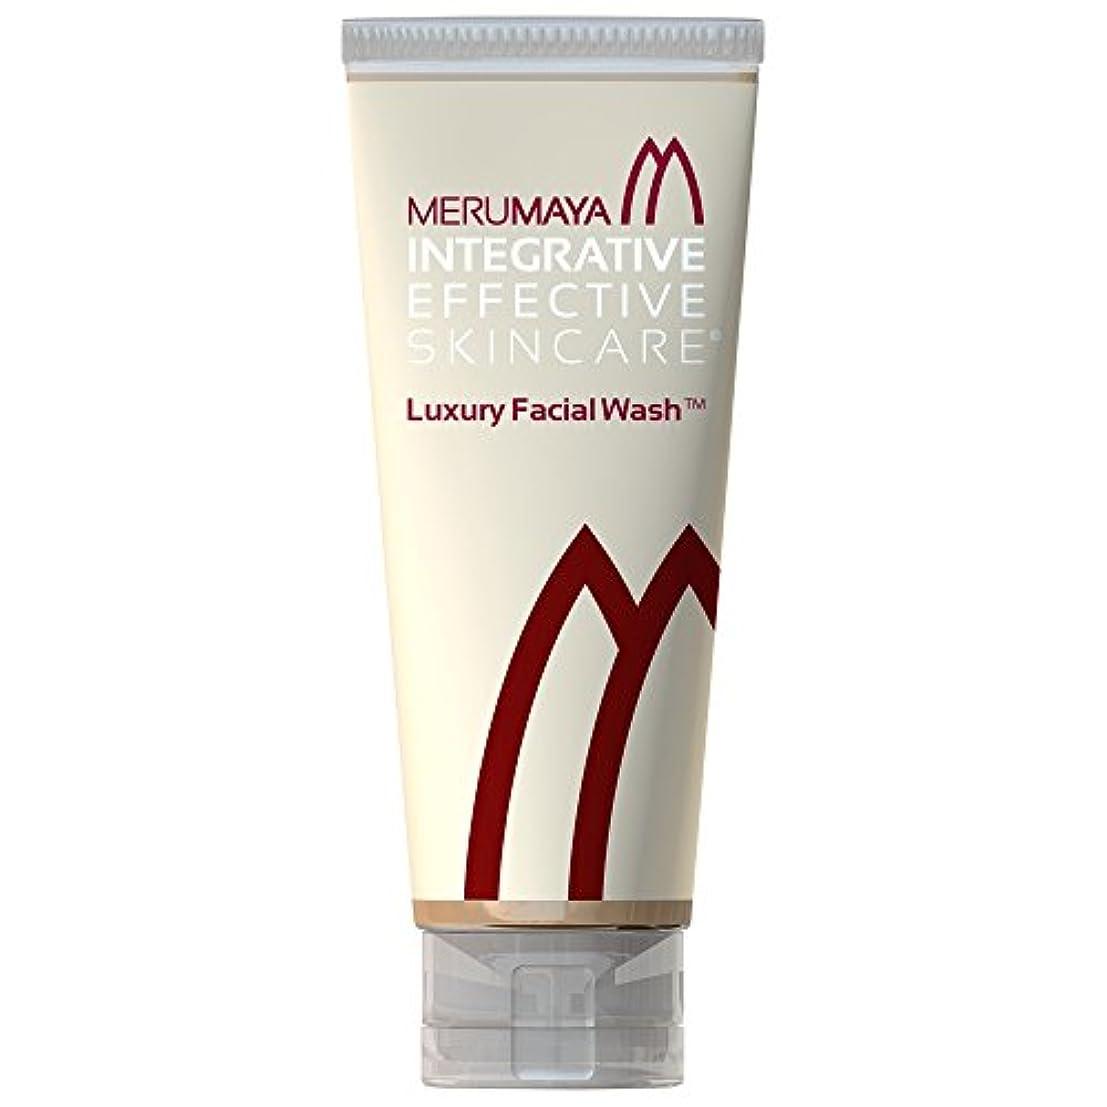 群がる忌まわしいデマンドMerumaya高級洗顔?、100ミリリットル (Merumaya) - MERUMAYA Luxury Facial Wash?, 100ml [並行輸入品]